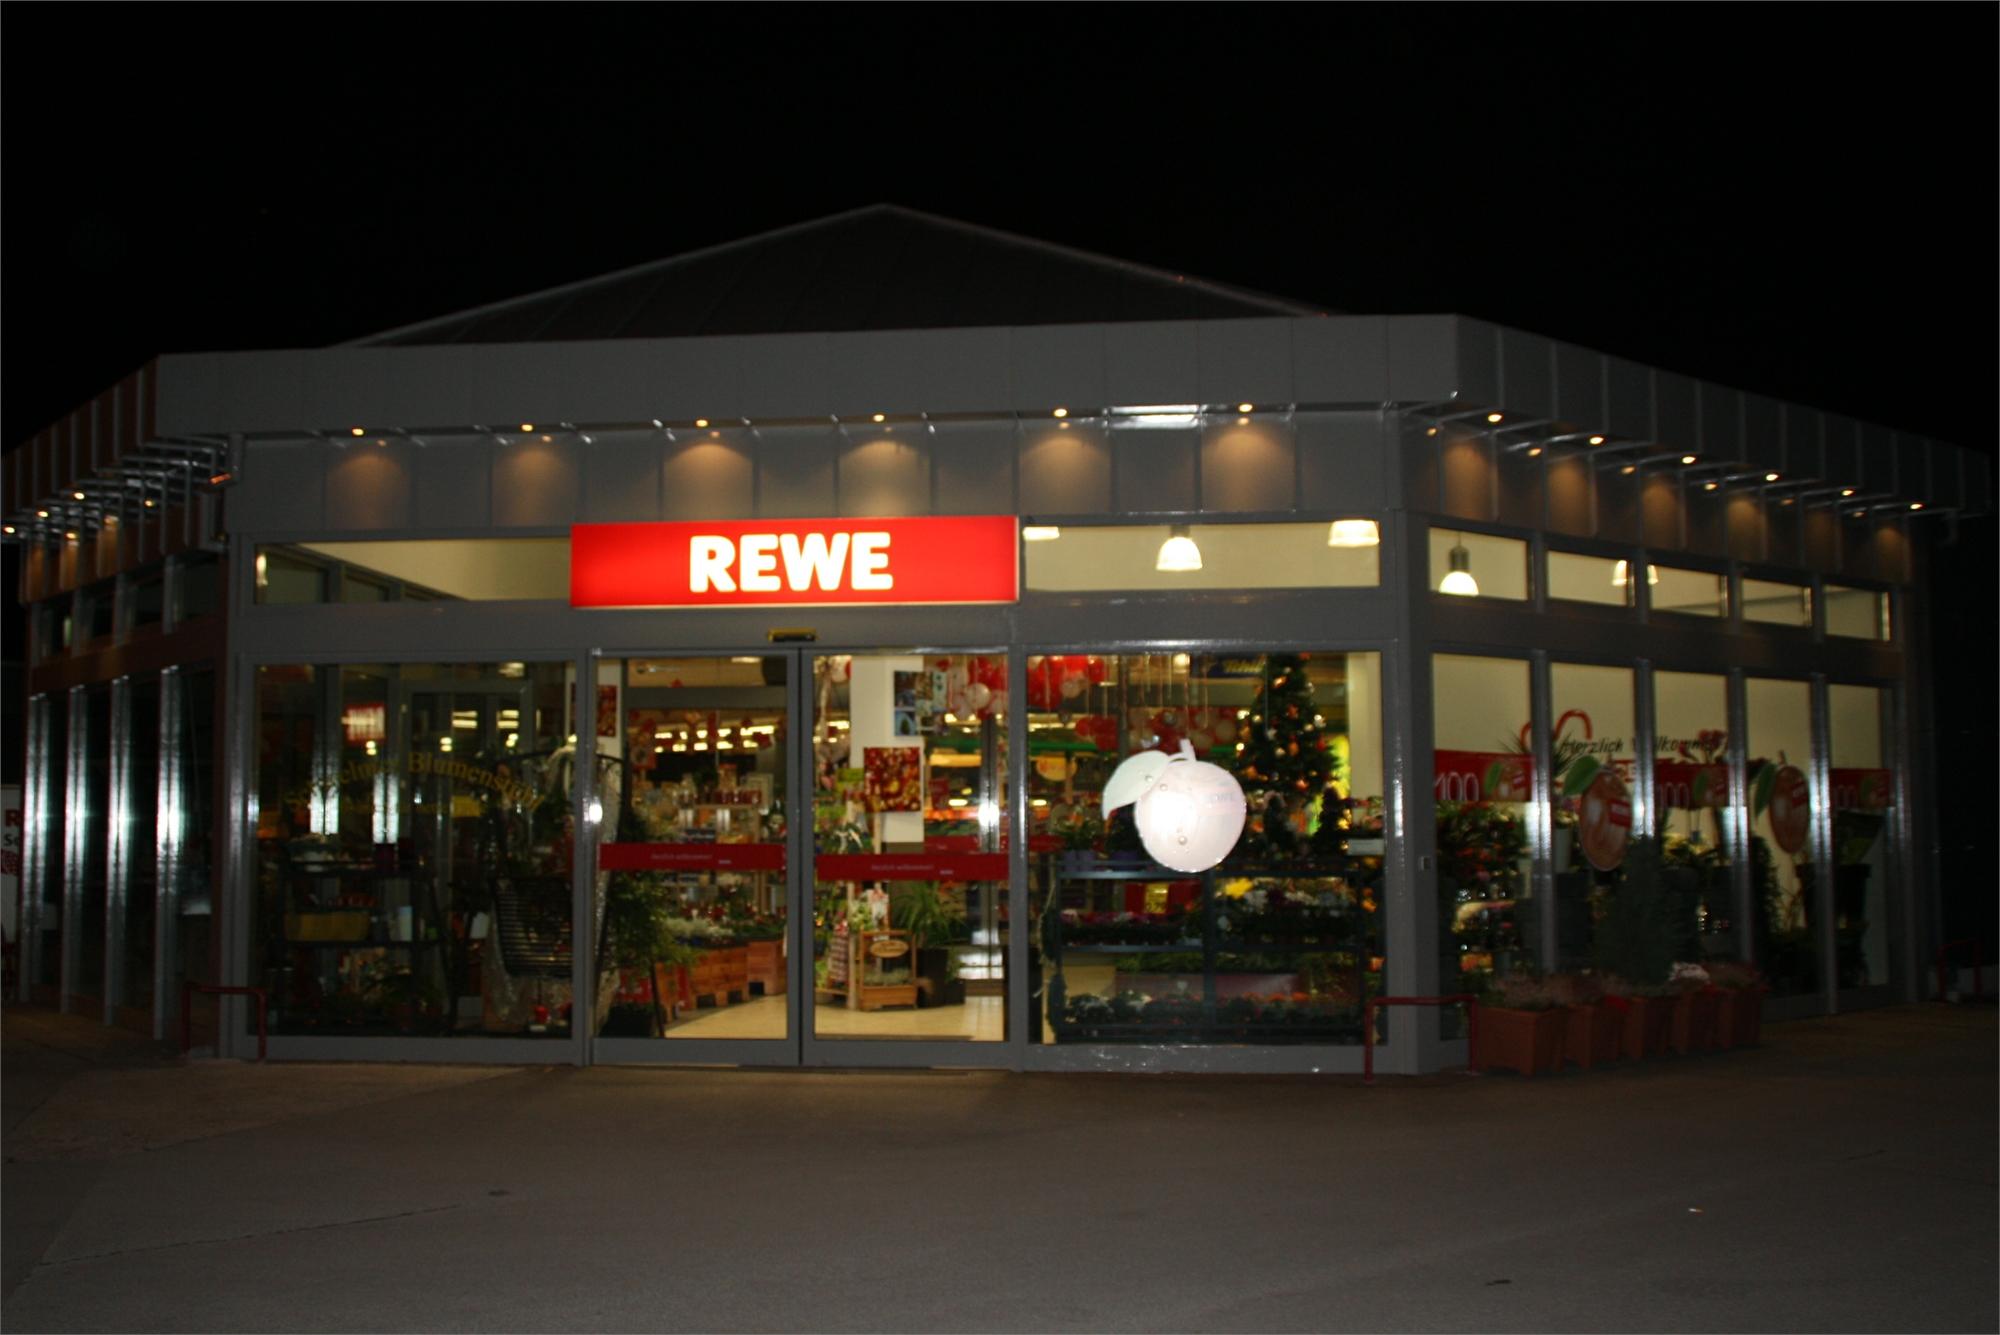 Ihr Rewe-Markt in Schwelm ›› REWE Schürholz EH oHG